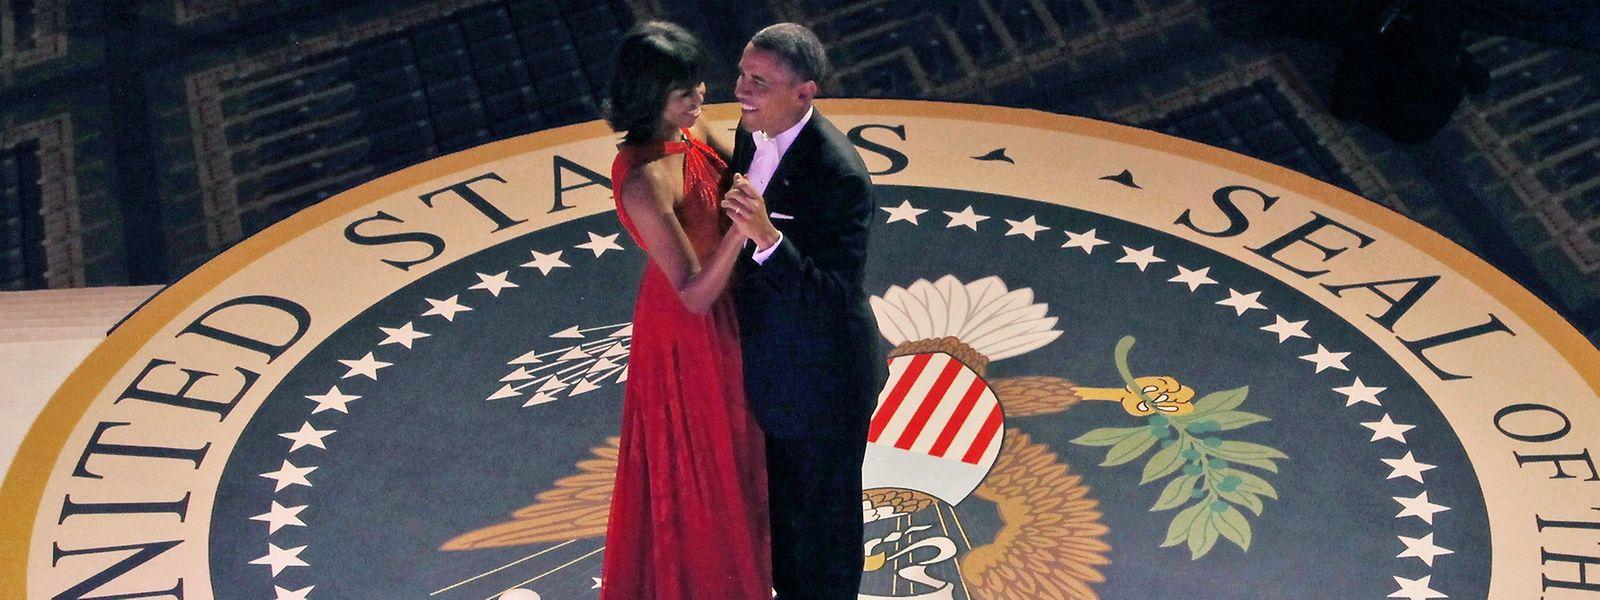 Der neue Präsident braucht am Tag seiner Amtseinführung Durchhaltevermögen: Das Ehepaar Obama zeigte sich nach der ersten Vereidigung 2009 auf zehn Bällen.